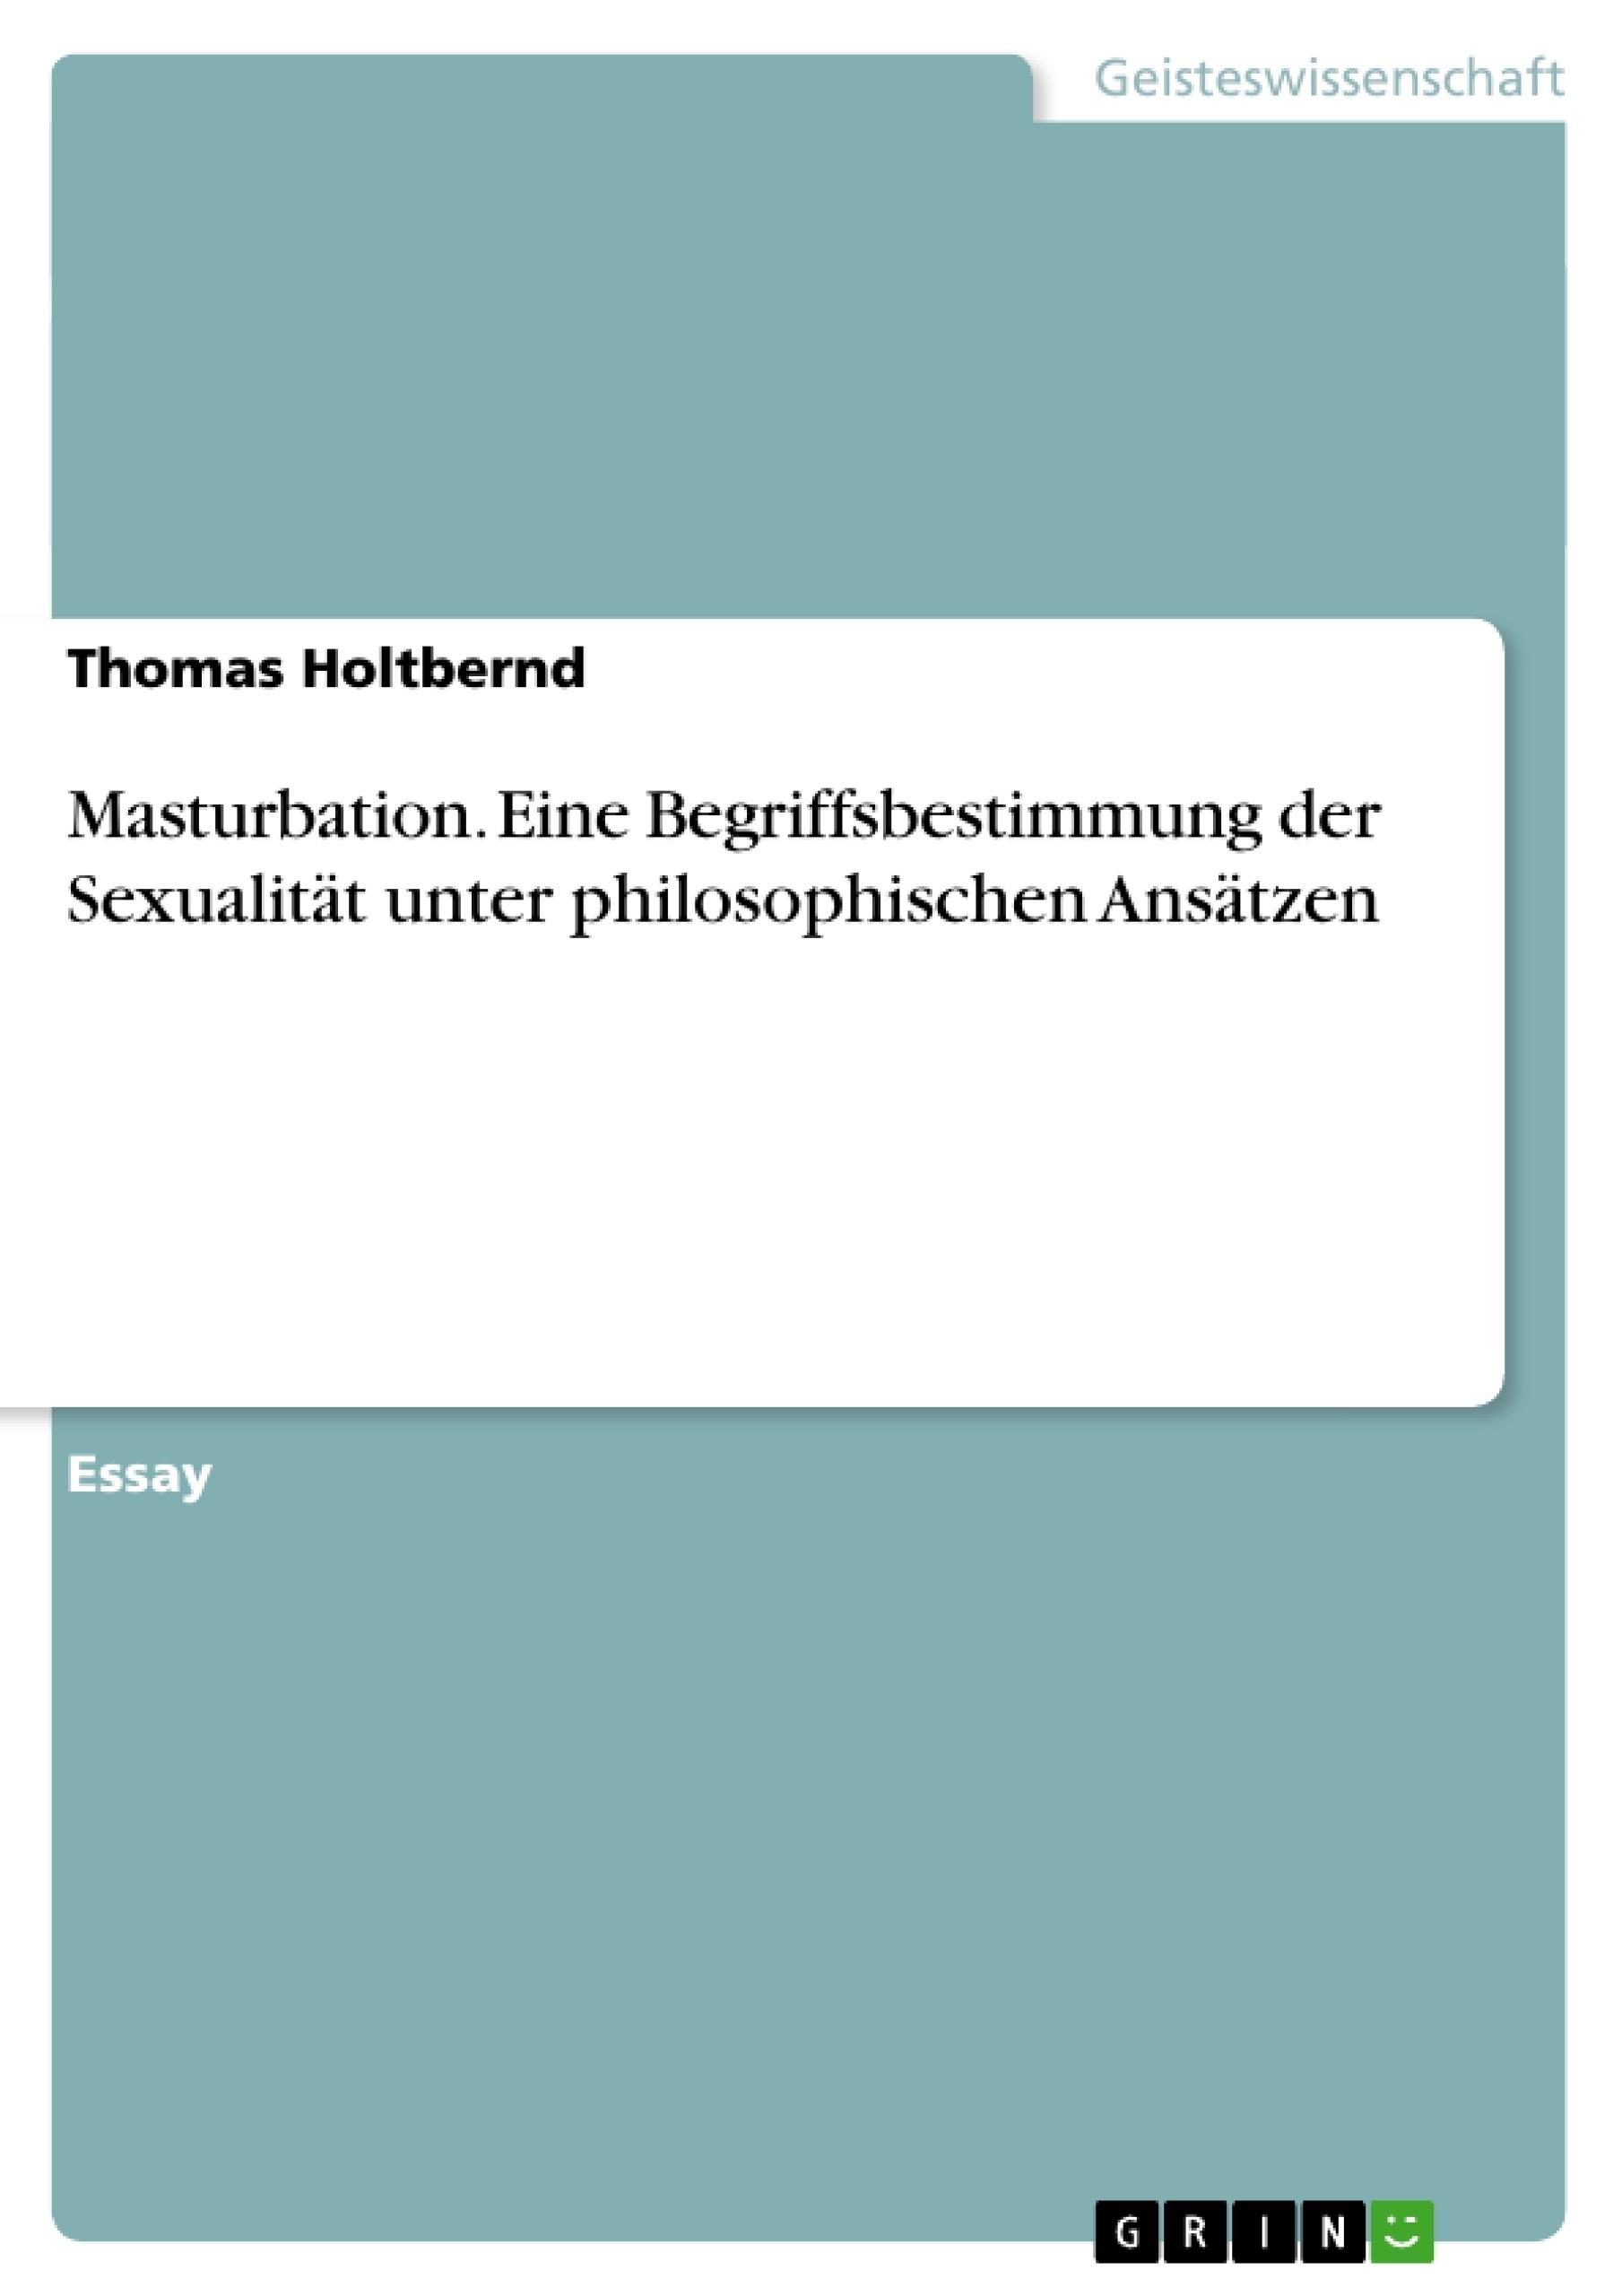 Titel: Masturbation. Eine Begriffsbestimmung der Sexualität unter philosophischen Ansätzen